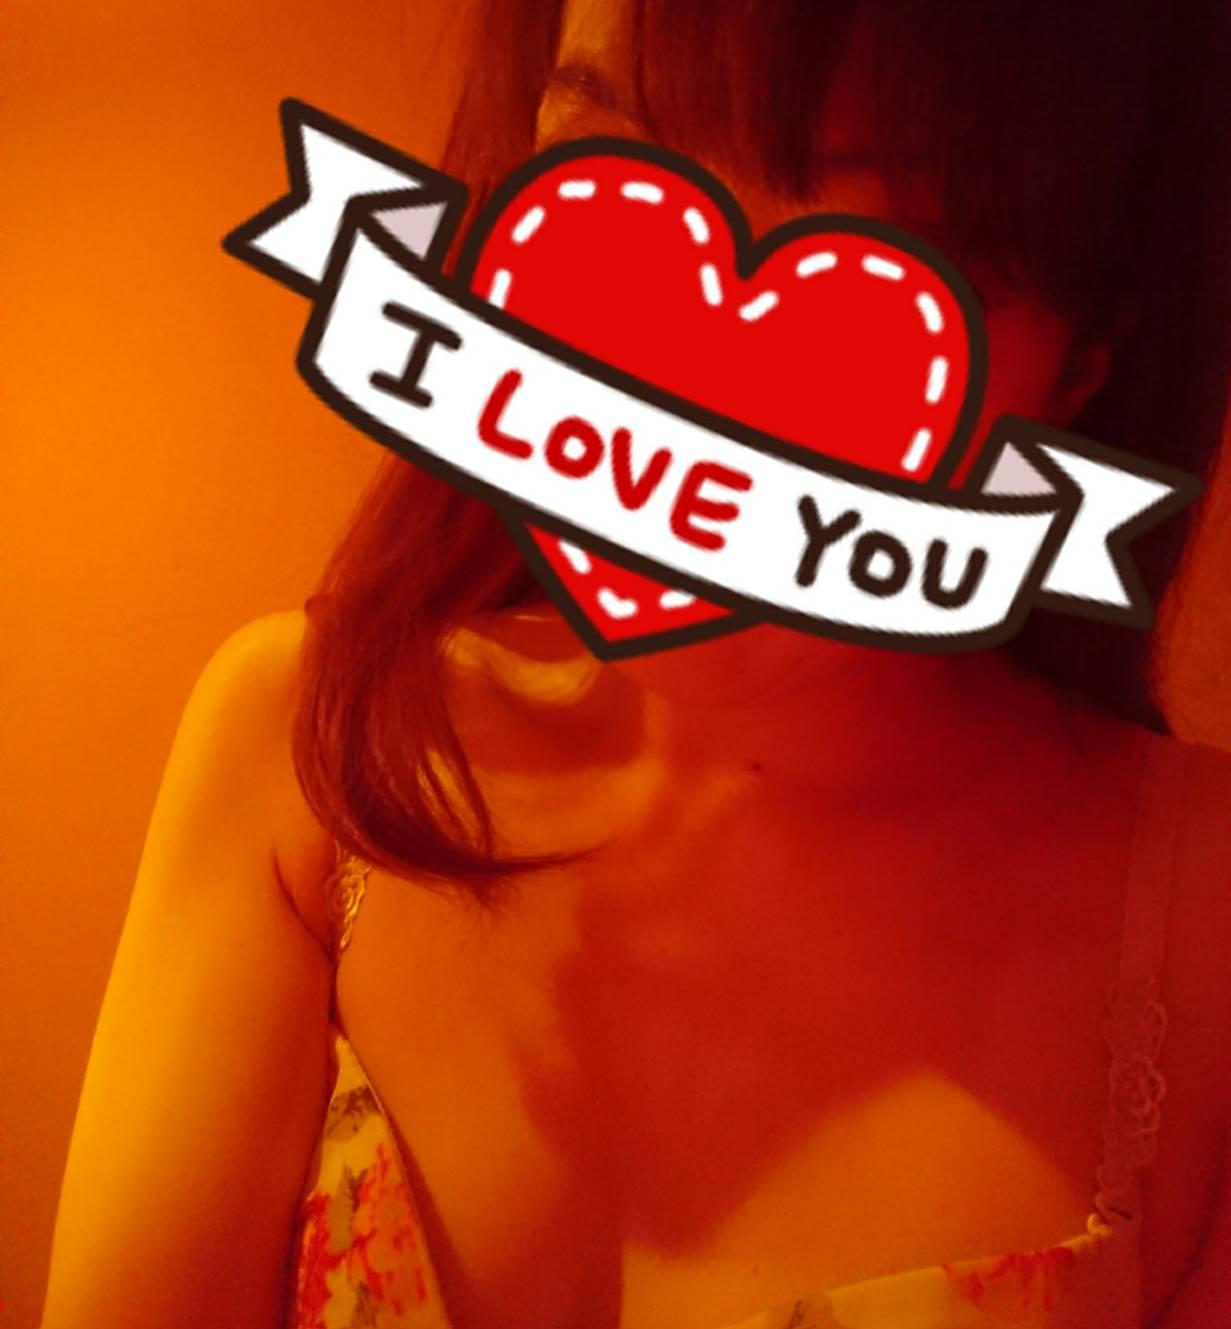 「月曜日のお礼~♪」10/24(火) 01:00 | さつきの写メ・風俗動画